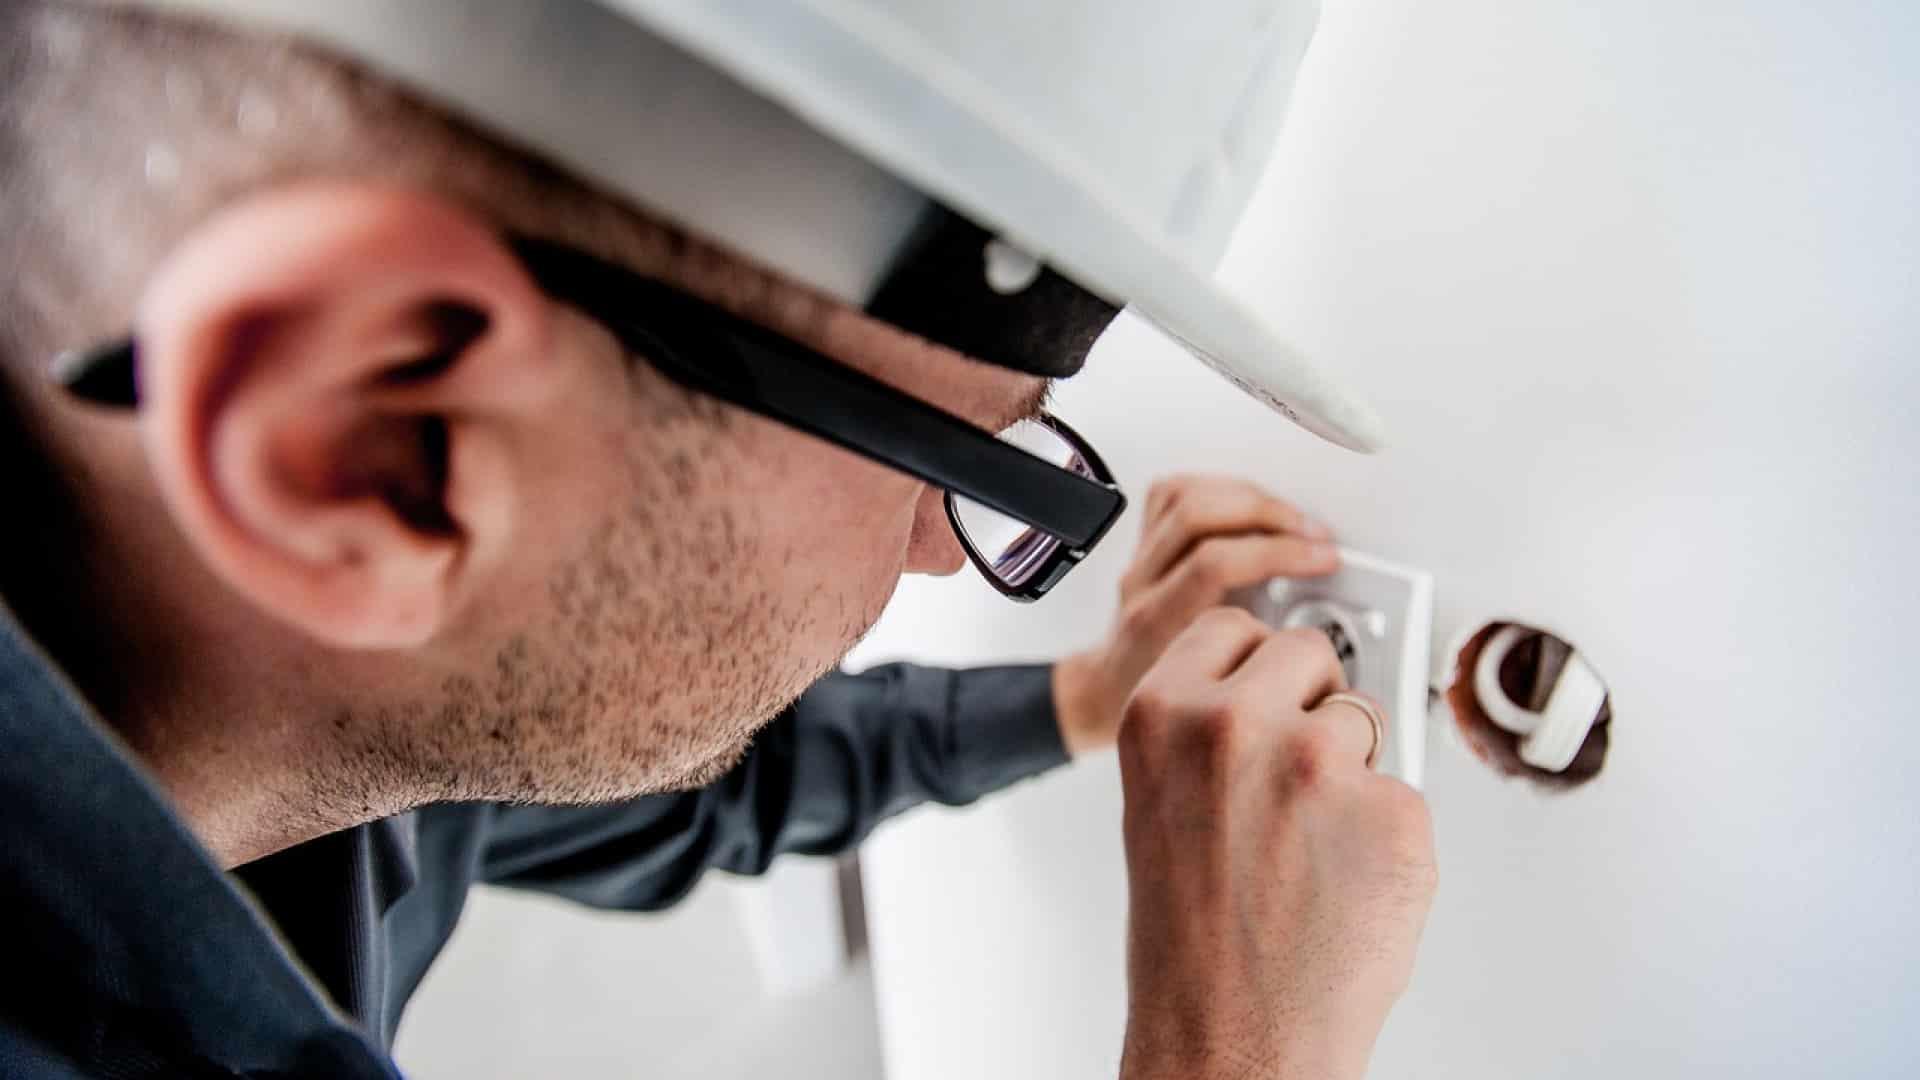 Trouvez le meilleur matériel électrique grâce à ce professionnel